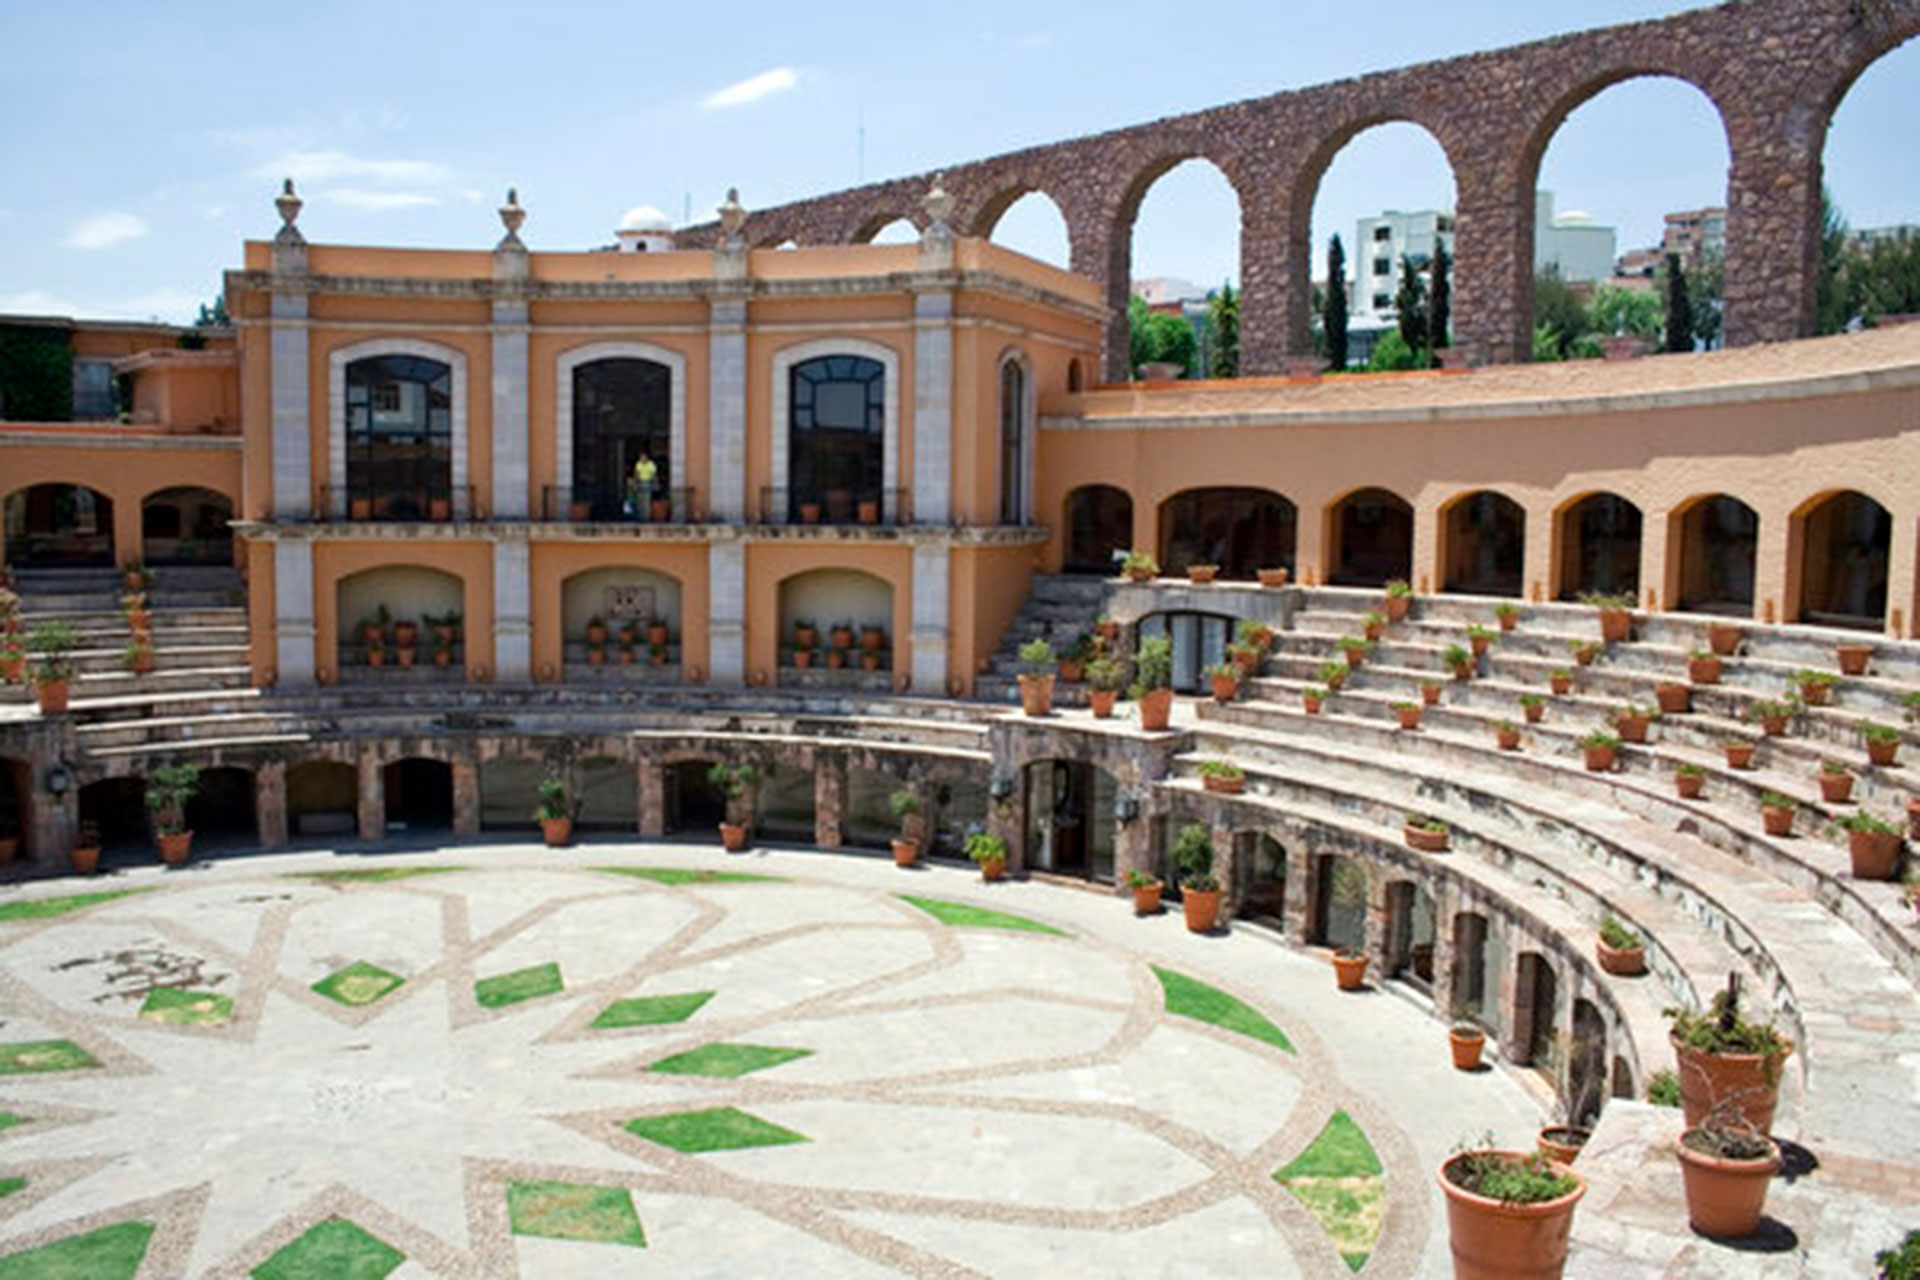 Quinta Real Zacatecas (Zacatecas, México). Era una antigua plaza de toros, construida en el siglo XIX. Las habitaciones están situadas en torno a la arena